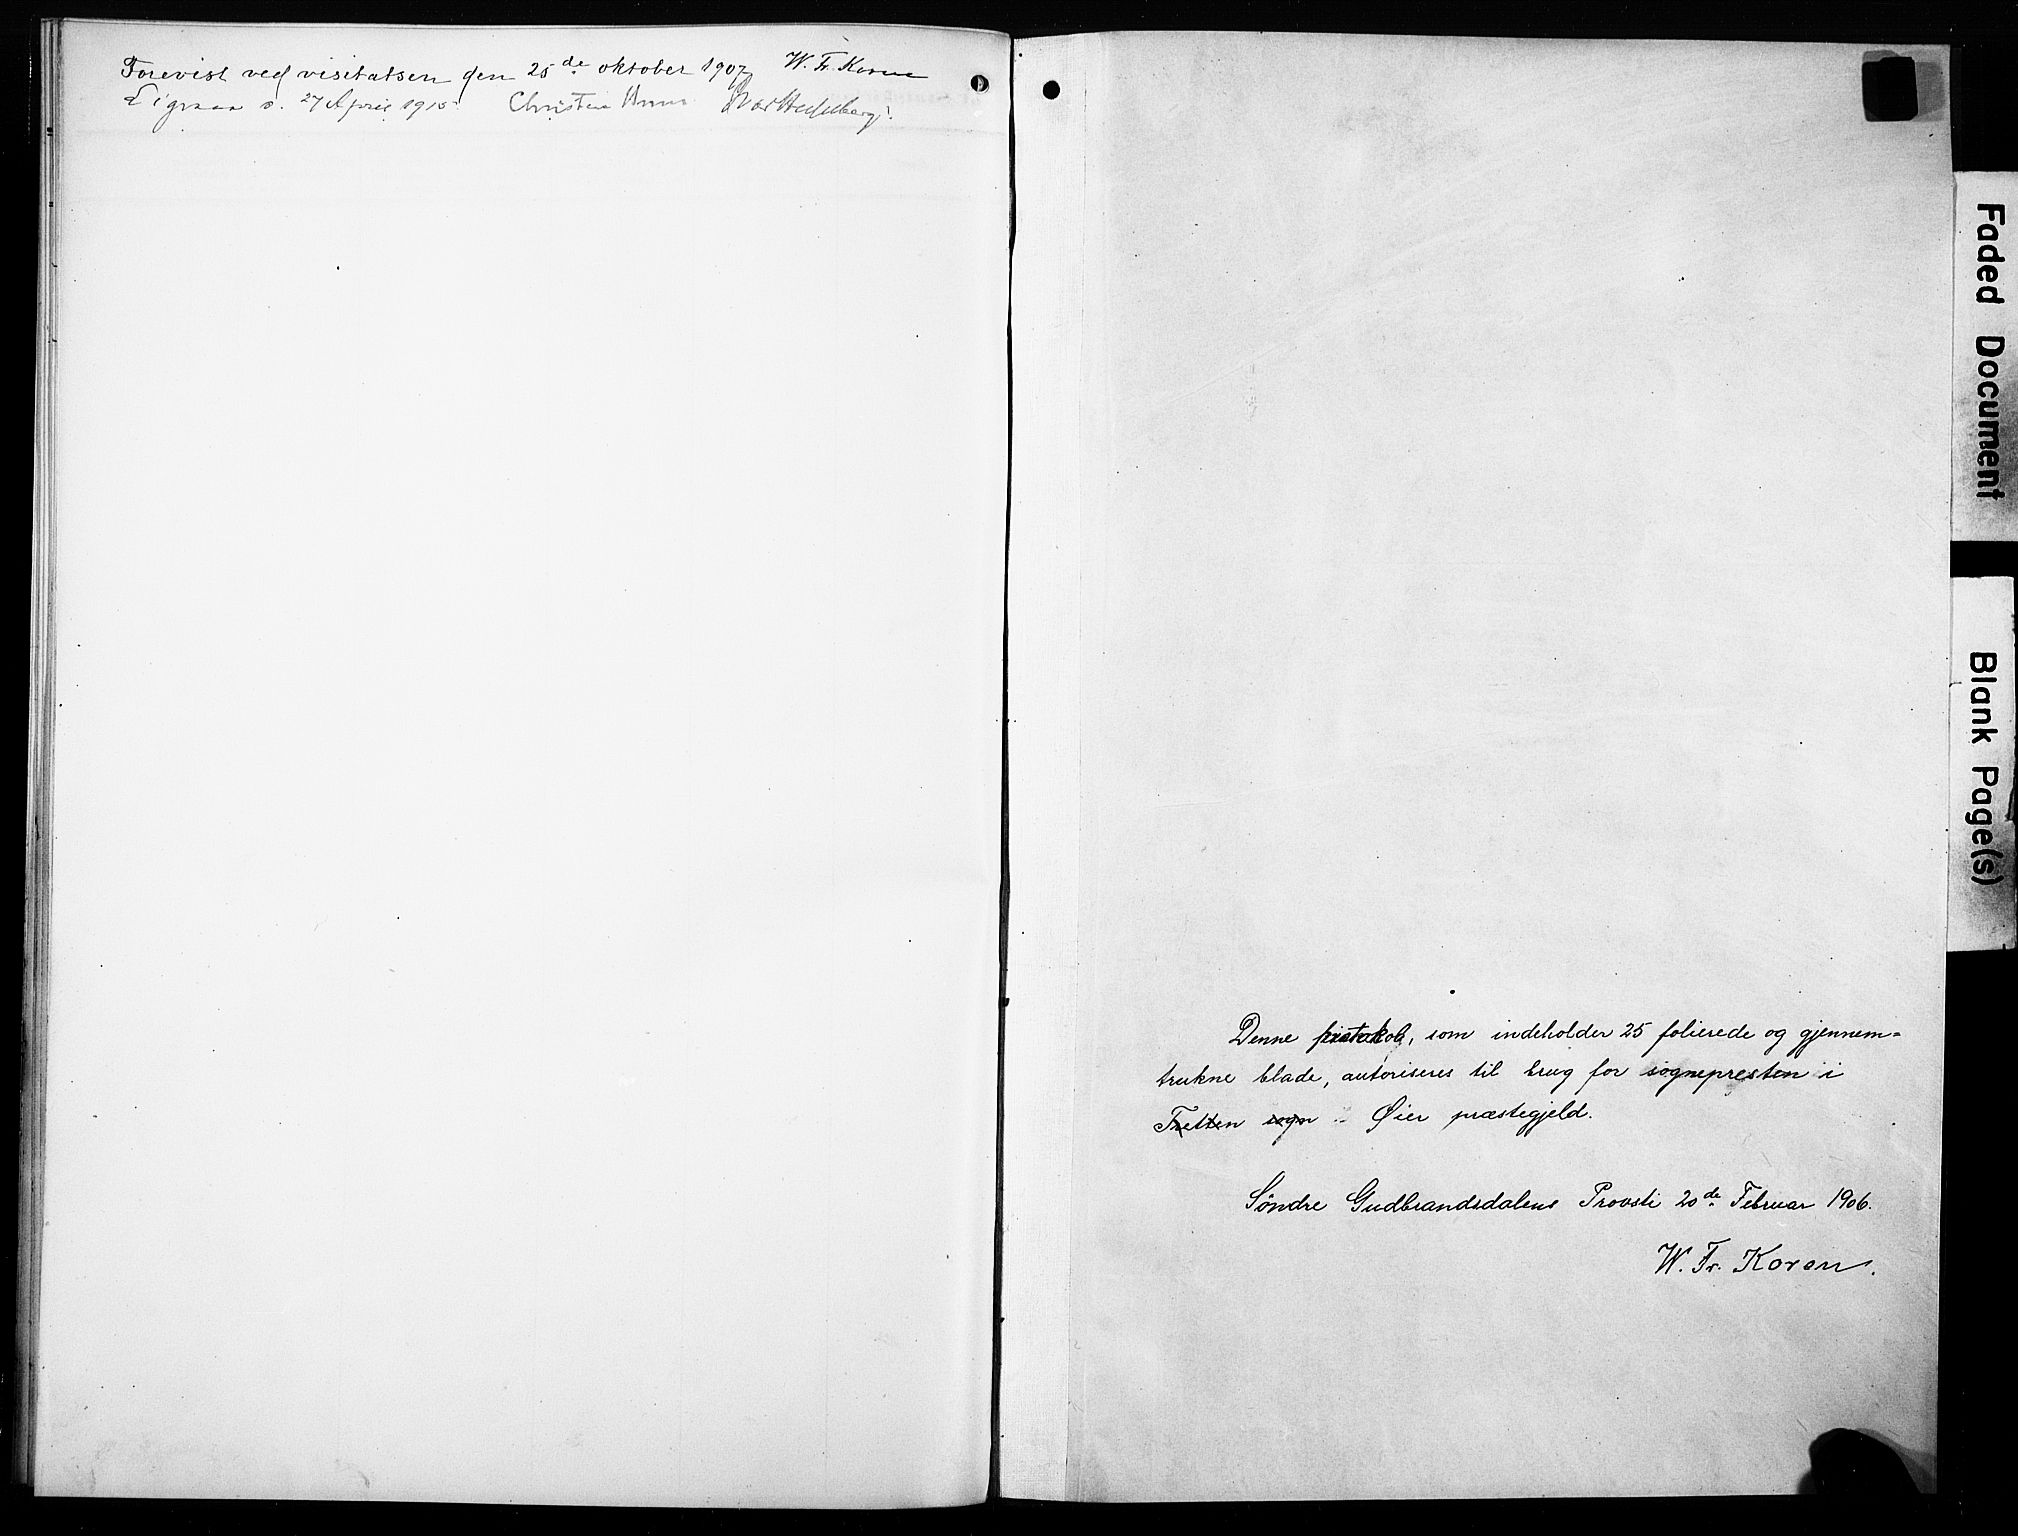 SAH, Øyer prestekontor, Ministerialbok nr. 10, 1906-1919